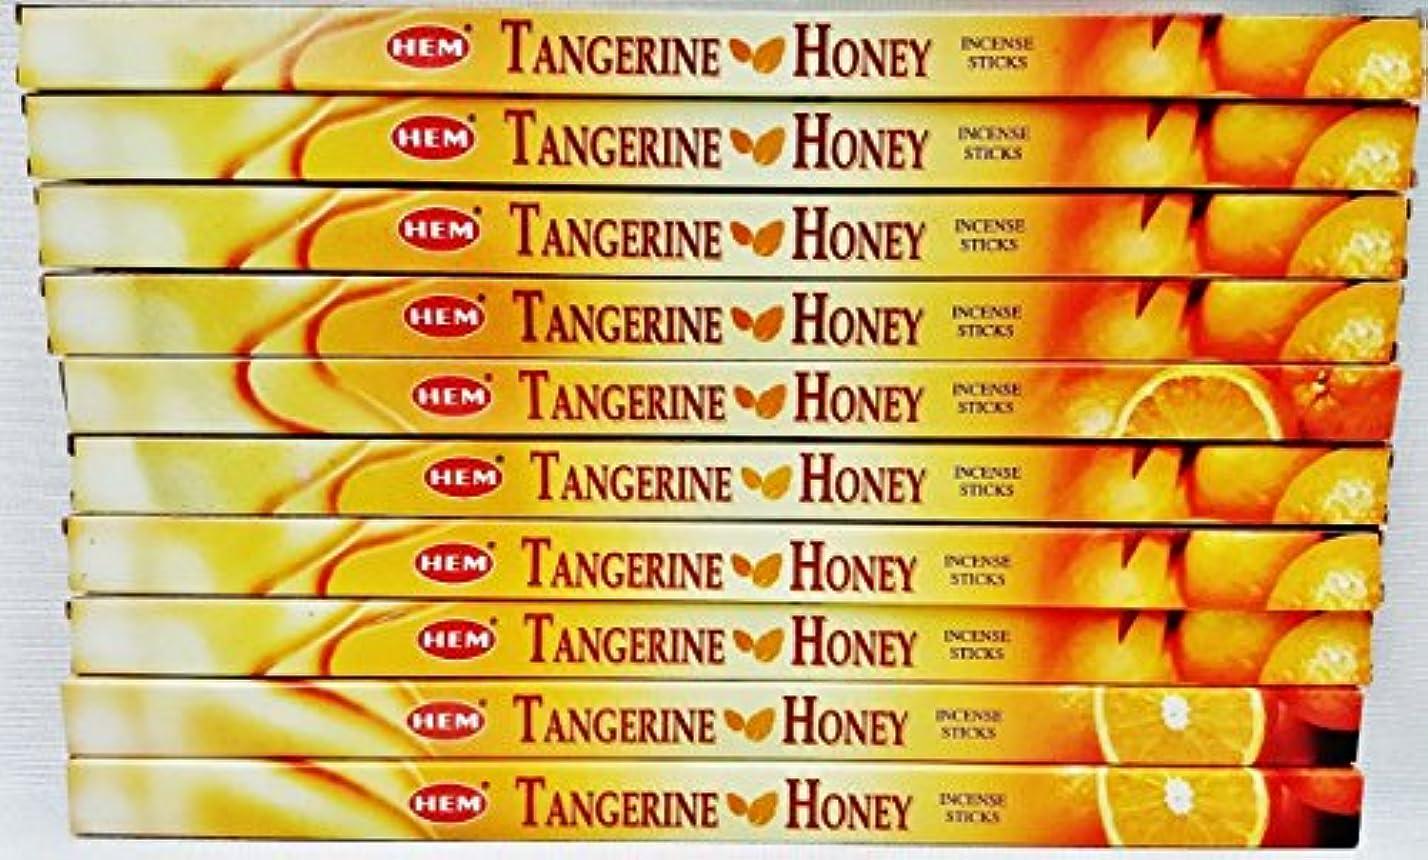 いつかブース訴える10ボックスHem Tangerine Honey Incense 8 Sticks perボックス80合計Sticks